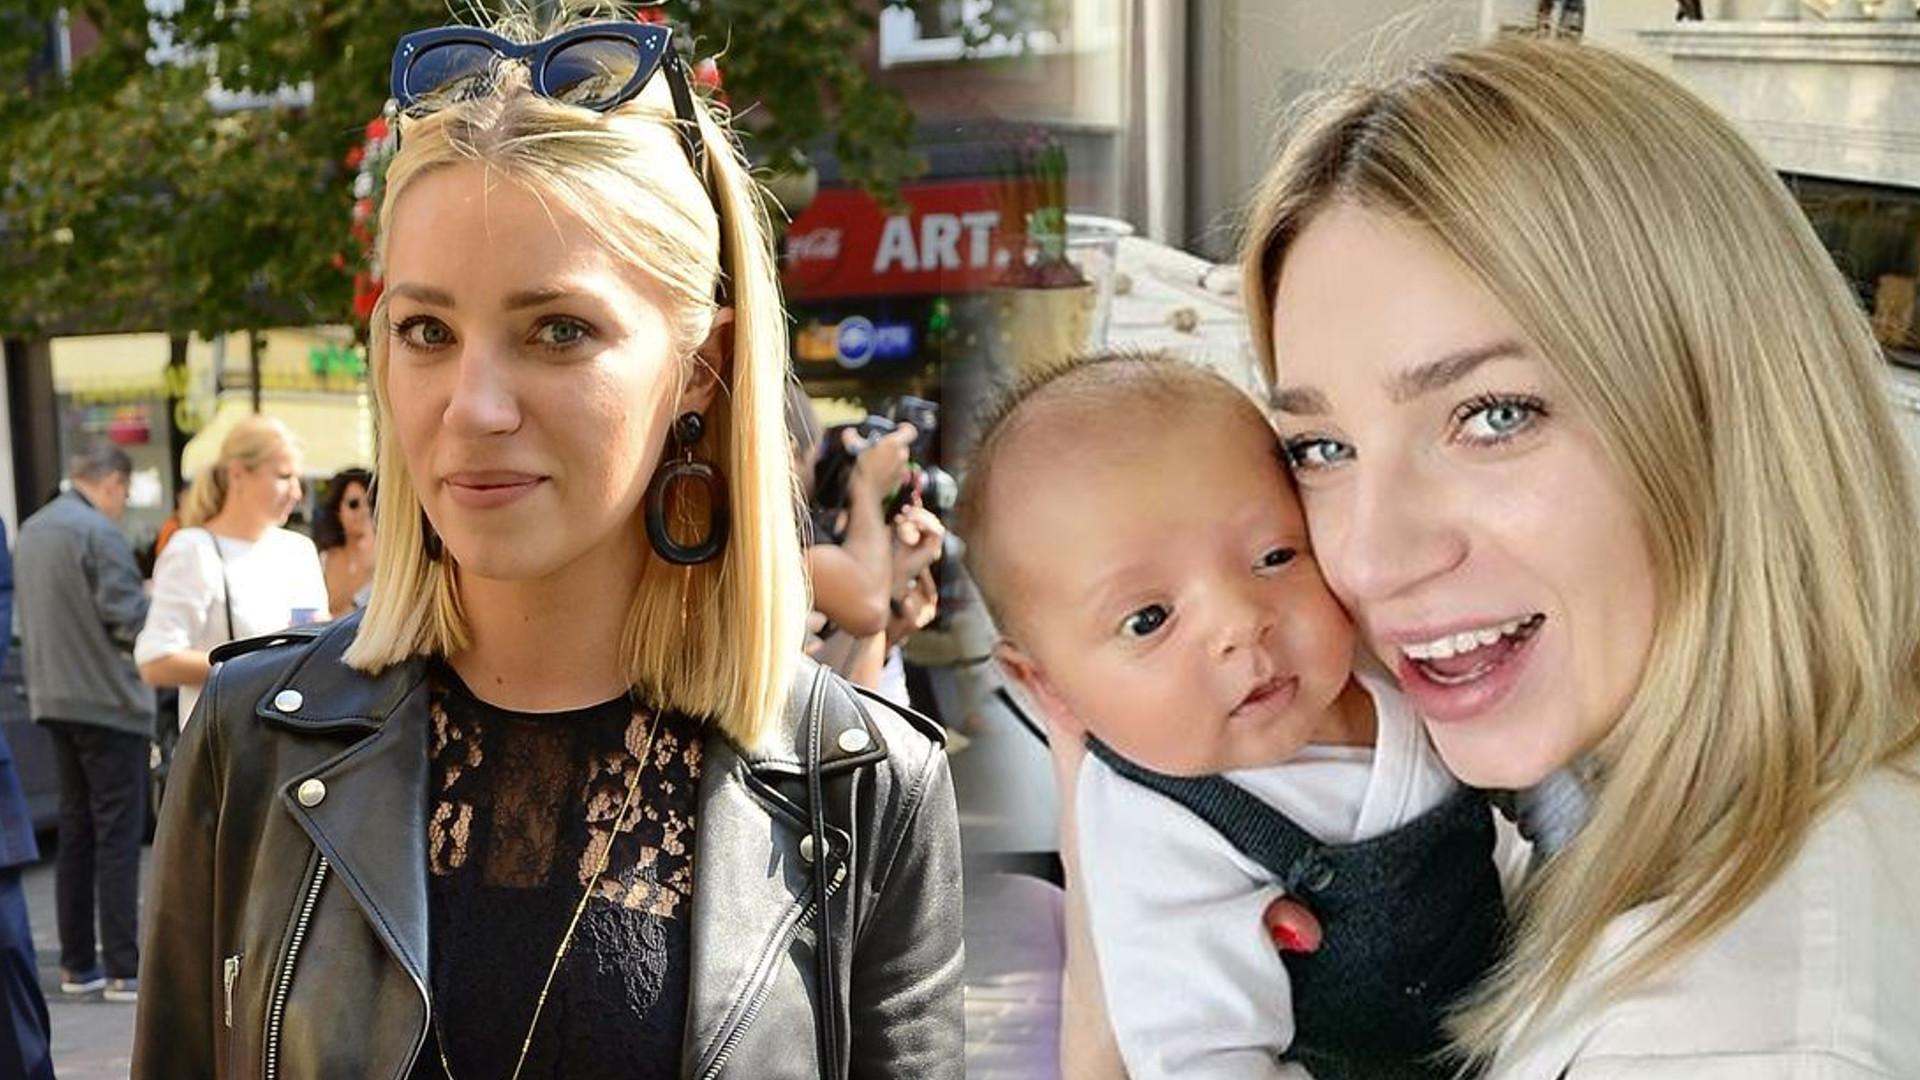 Martyna Gliwińska chwali się FIGURĄ po ciąży: Dziewczyno, jak Ty tego dokonałaś?